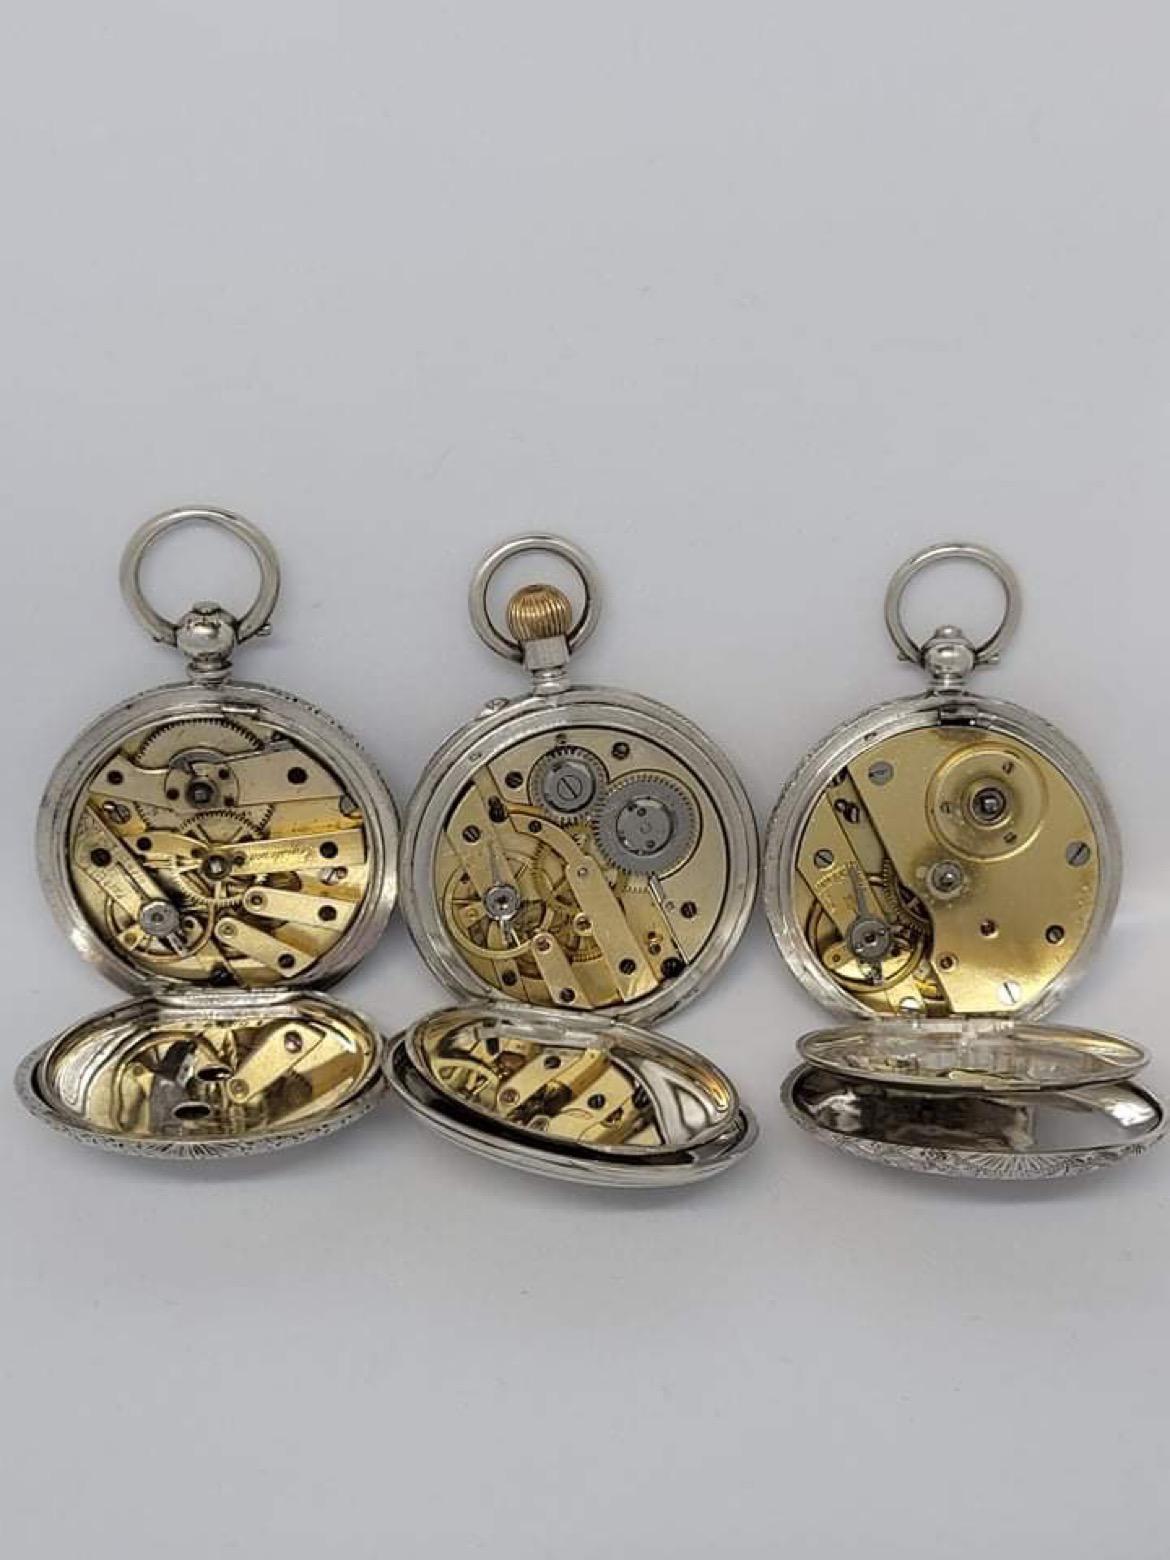 3x Antique silver pocket watch AF - Image 2 of 4